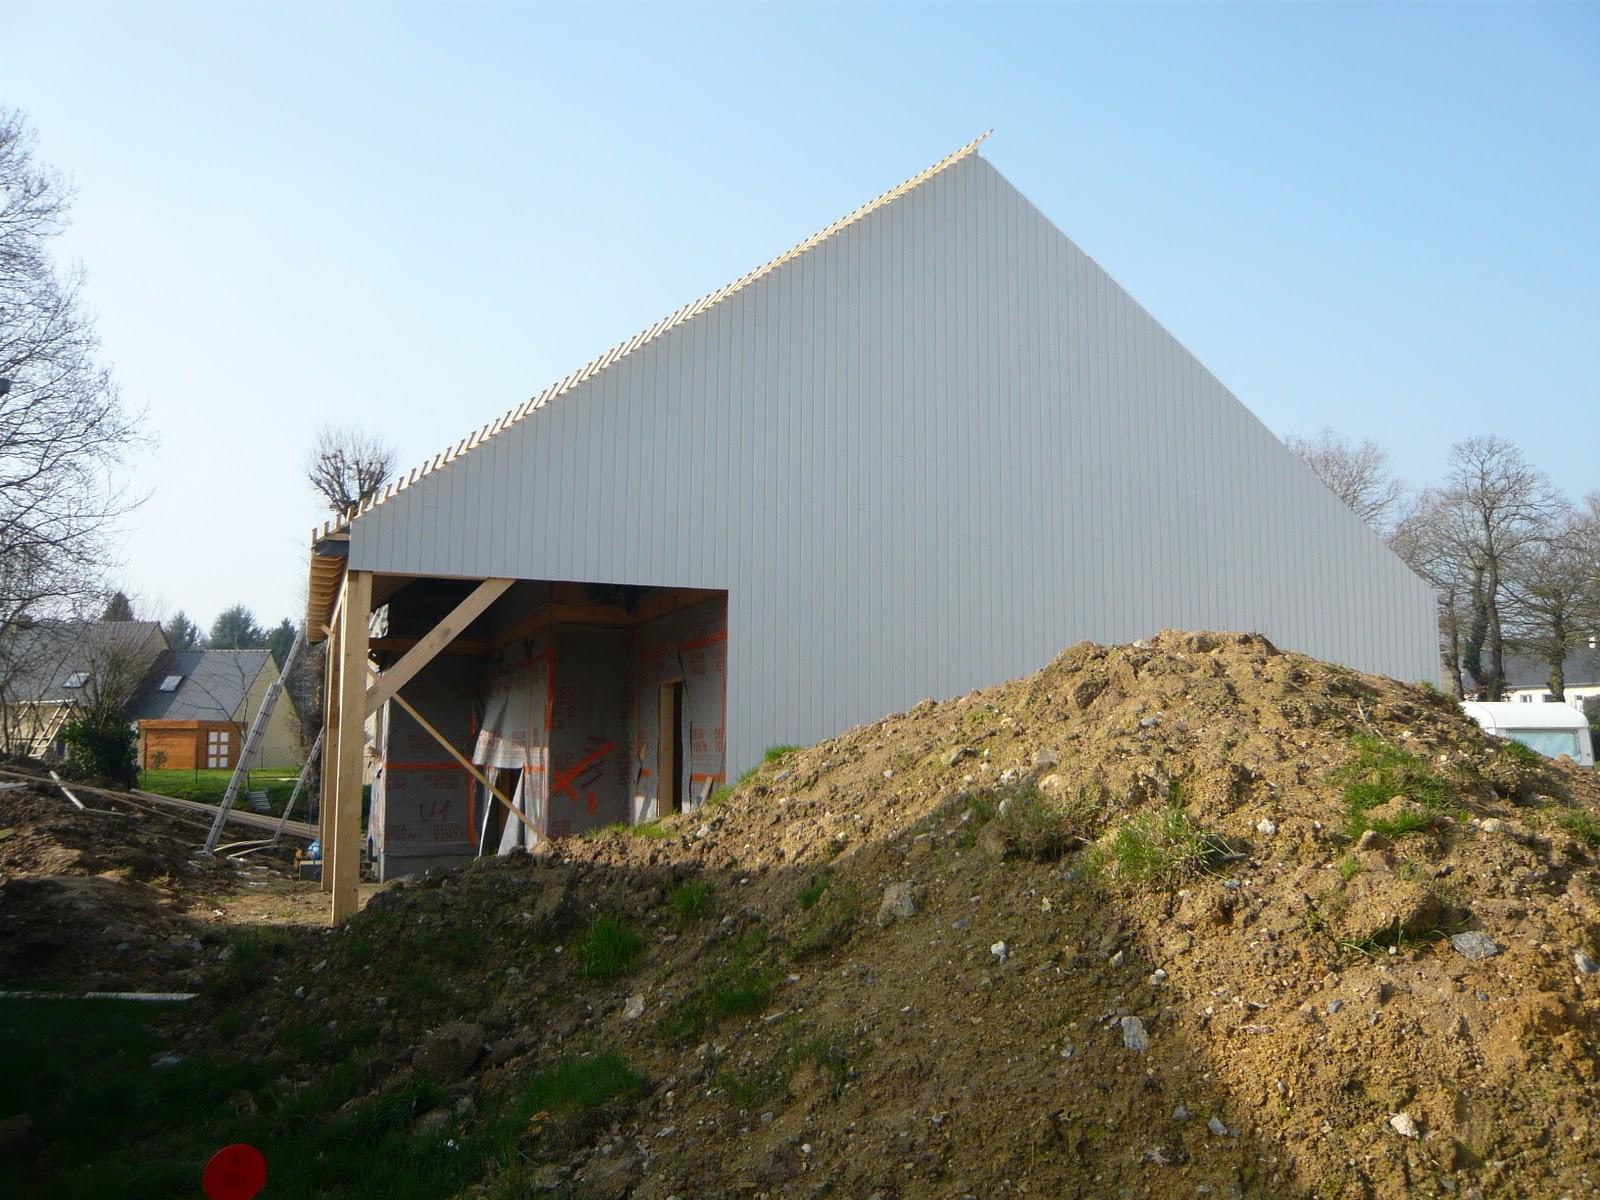 Construction Maison Bois Bretagne - ID MAISON BOIS Construction d'une maison en bois en Bretagne